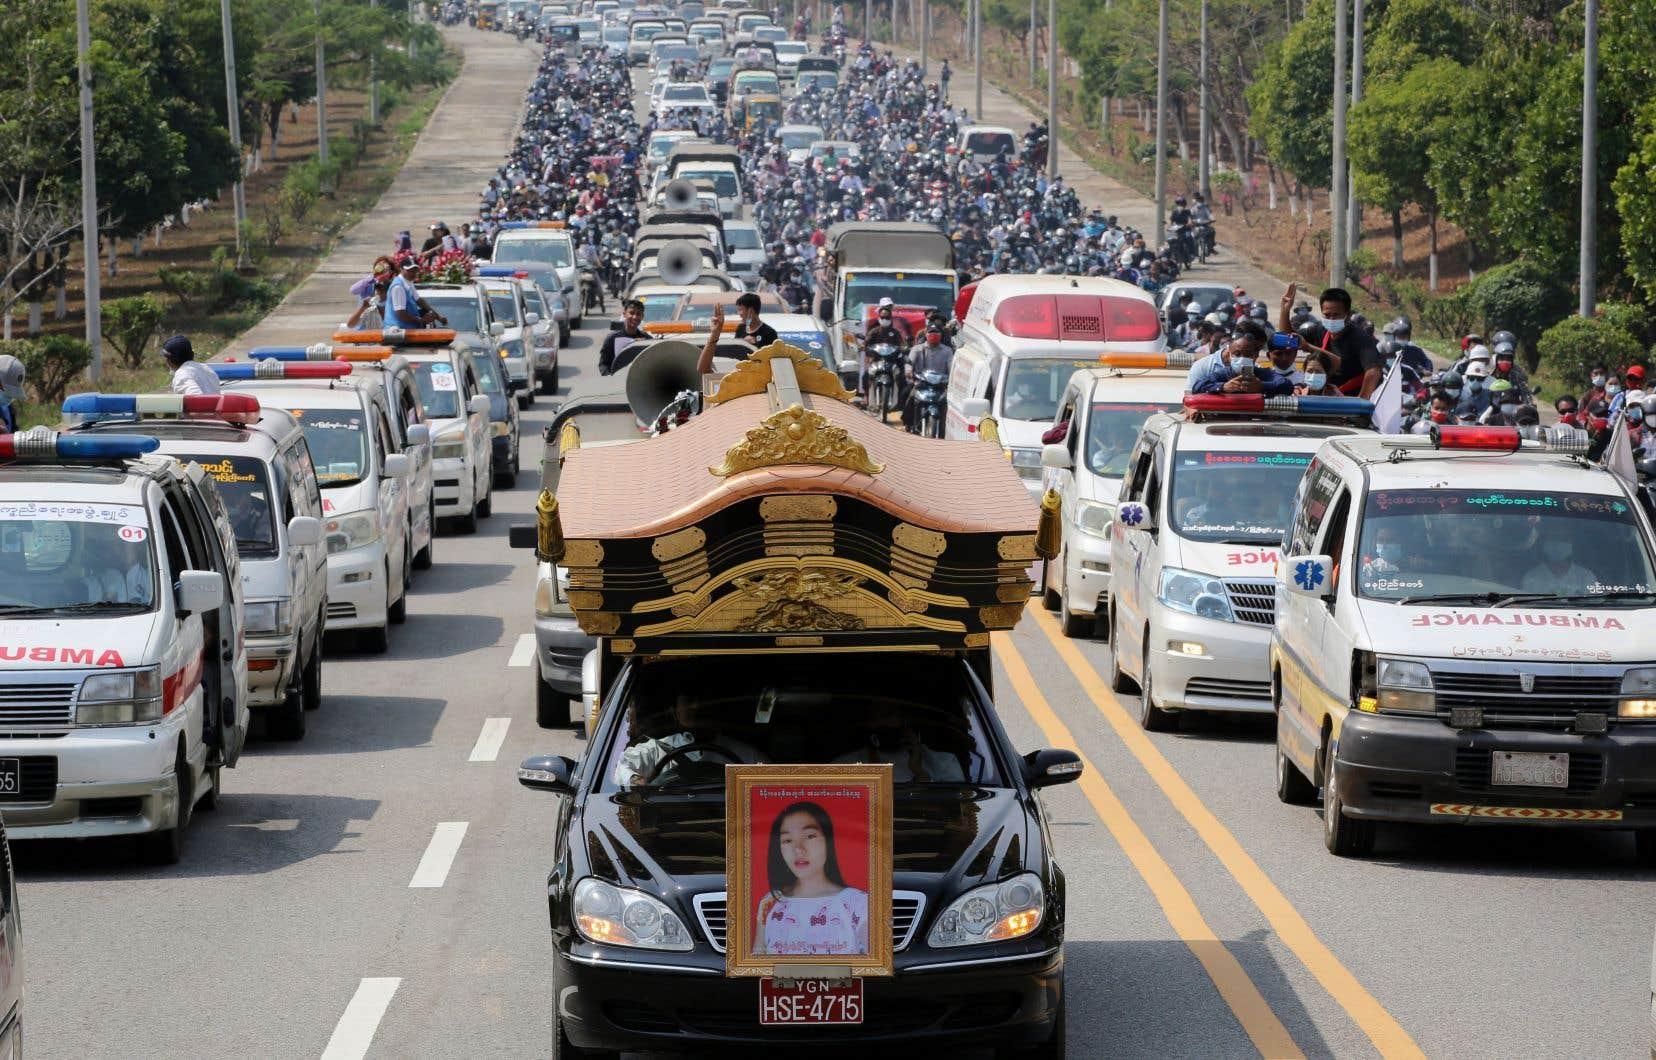 Les funérailles de Mya Thwate Thwate Khaing, blessée par balles à la tête et décédée vendredi, ont eu lieu dans la périphérie de la capitale Naypyidaw.